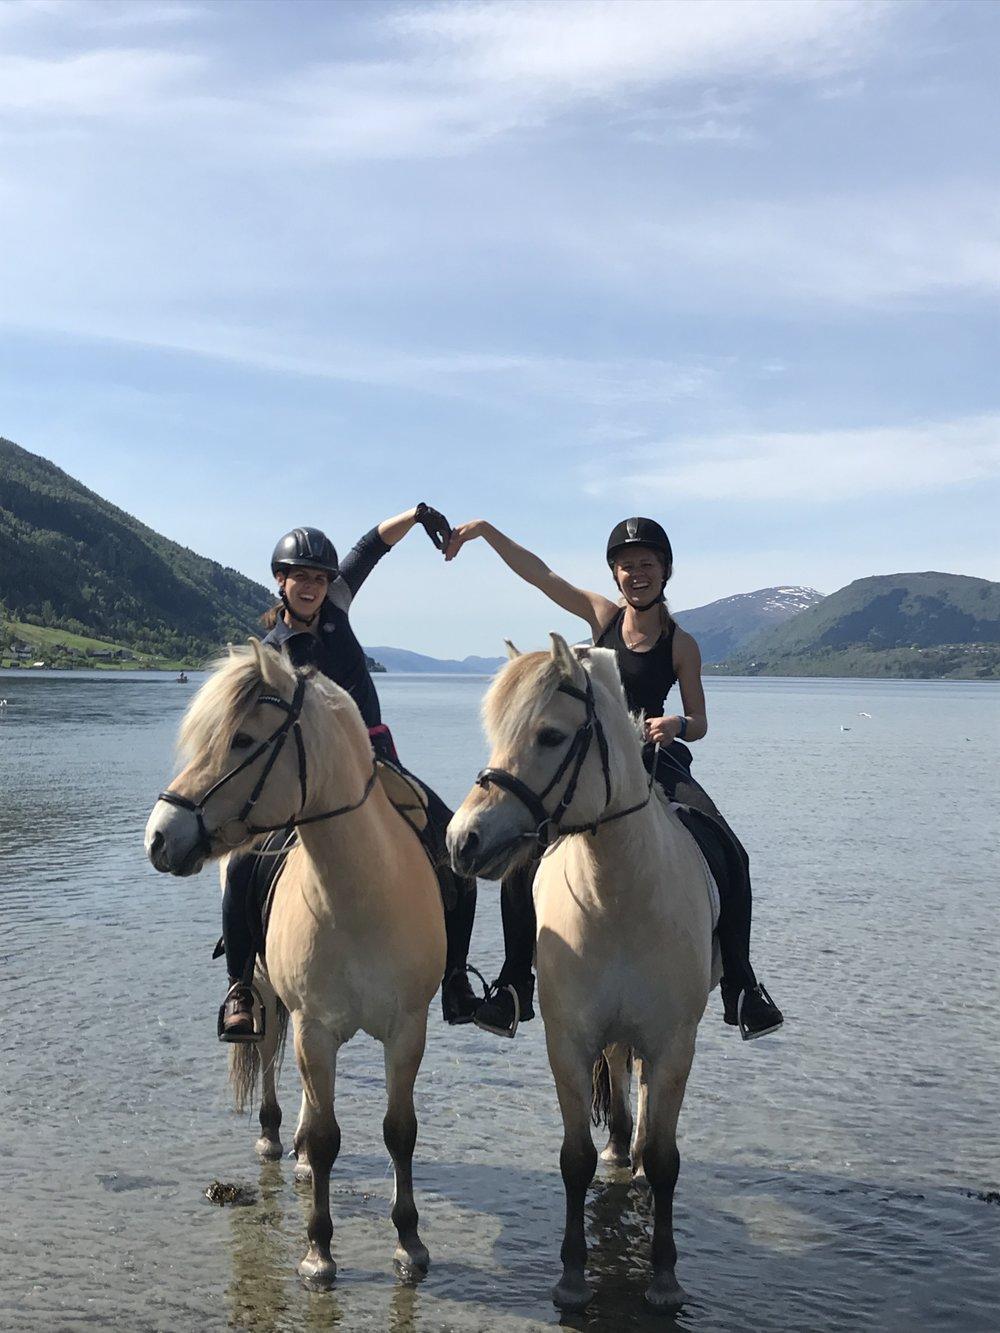 Praktisk informasjon - All linjefagsundervisning går for det meste føre seg på Norsk Fjordhestsenter. Vi nyttar oss også av nærområdet rundt senteret, og vi har ein veldig fin ridesti som er svært populær både blant elevene på skulen og dei lokale rytterane. Når du skal gå 2.året er det et krav om at du må ha med eigen hest. Den kan stå oppstalla på Norsk Fjordhestsenter eller på Stall Os. Vi har ingen krav til hesten anna enn at det er ein fordel at den kan skritte, trave og galoppere, og også gjerne ha litt kjennskap til bommerarbeid og hinder. Vi tilpassar undervisninga etter både deg og hesten sitt nivå.I køyreundervisninga brukar vi skulehestar, men det er også fullt mogleg å bruke eigen hest til dette. Du kan låne vogn og sele av skulen om du manglar dette utstyret. Sjølv om du har eigen hest, er du som elev ved skulen vår, forplikta til å følge reglar som omhandlar sikkerheit og sikkerheitsutstyr. Les meir om våre sikkerheitsrutiner på hestelinjene her.